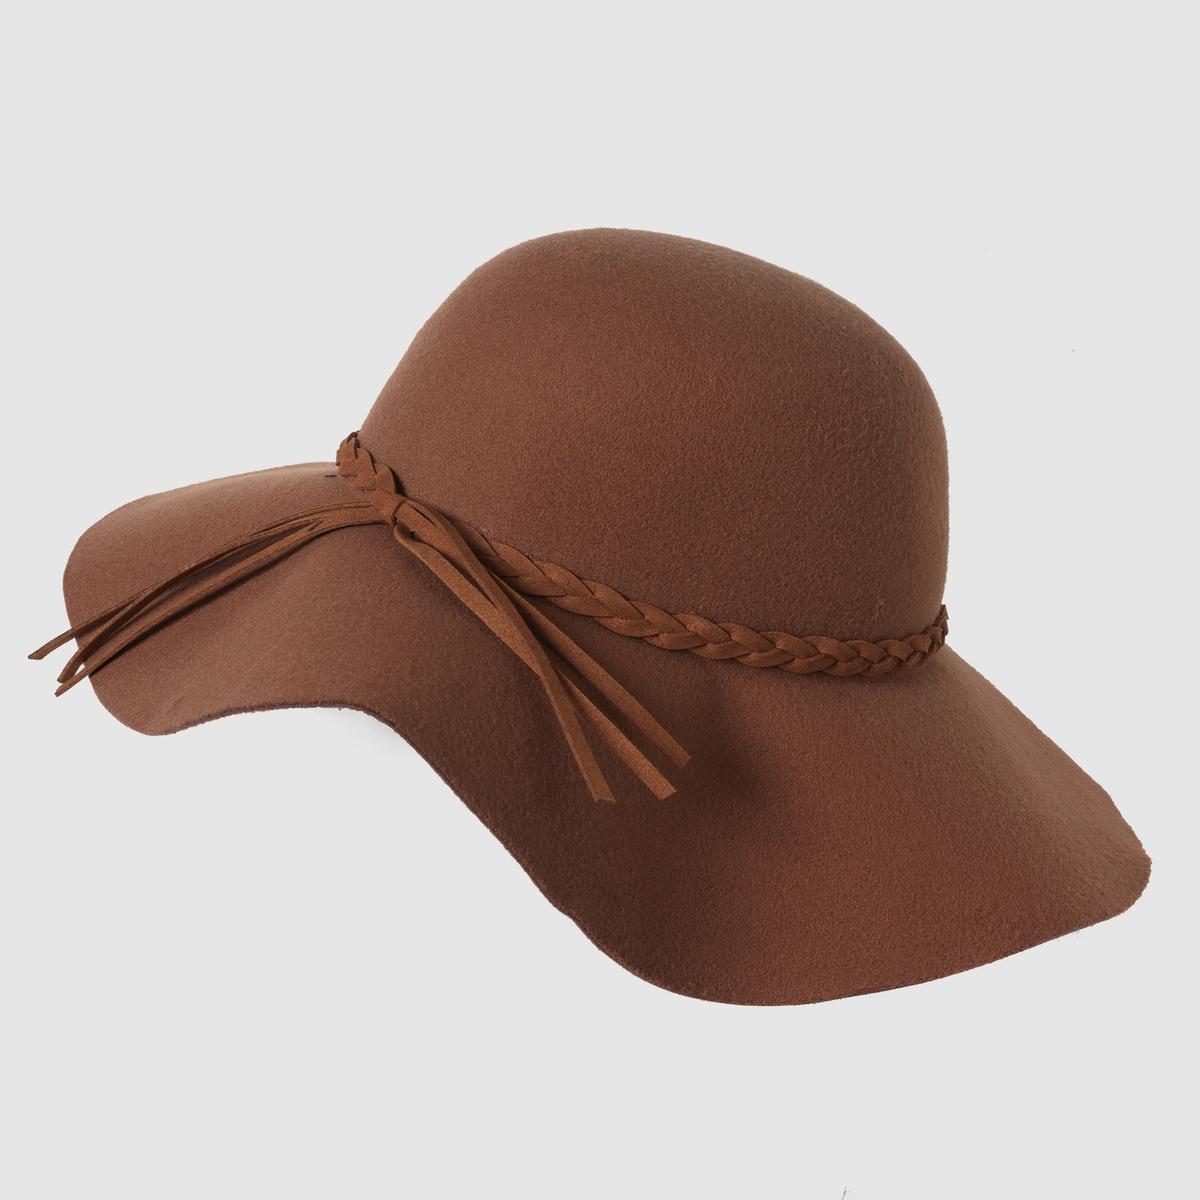 ШляпаЕдиный размер. Необходимый предмет одежды этой зимой. Фетр 100% полиэстера.<br><br>Цвет: каштановый